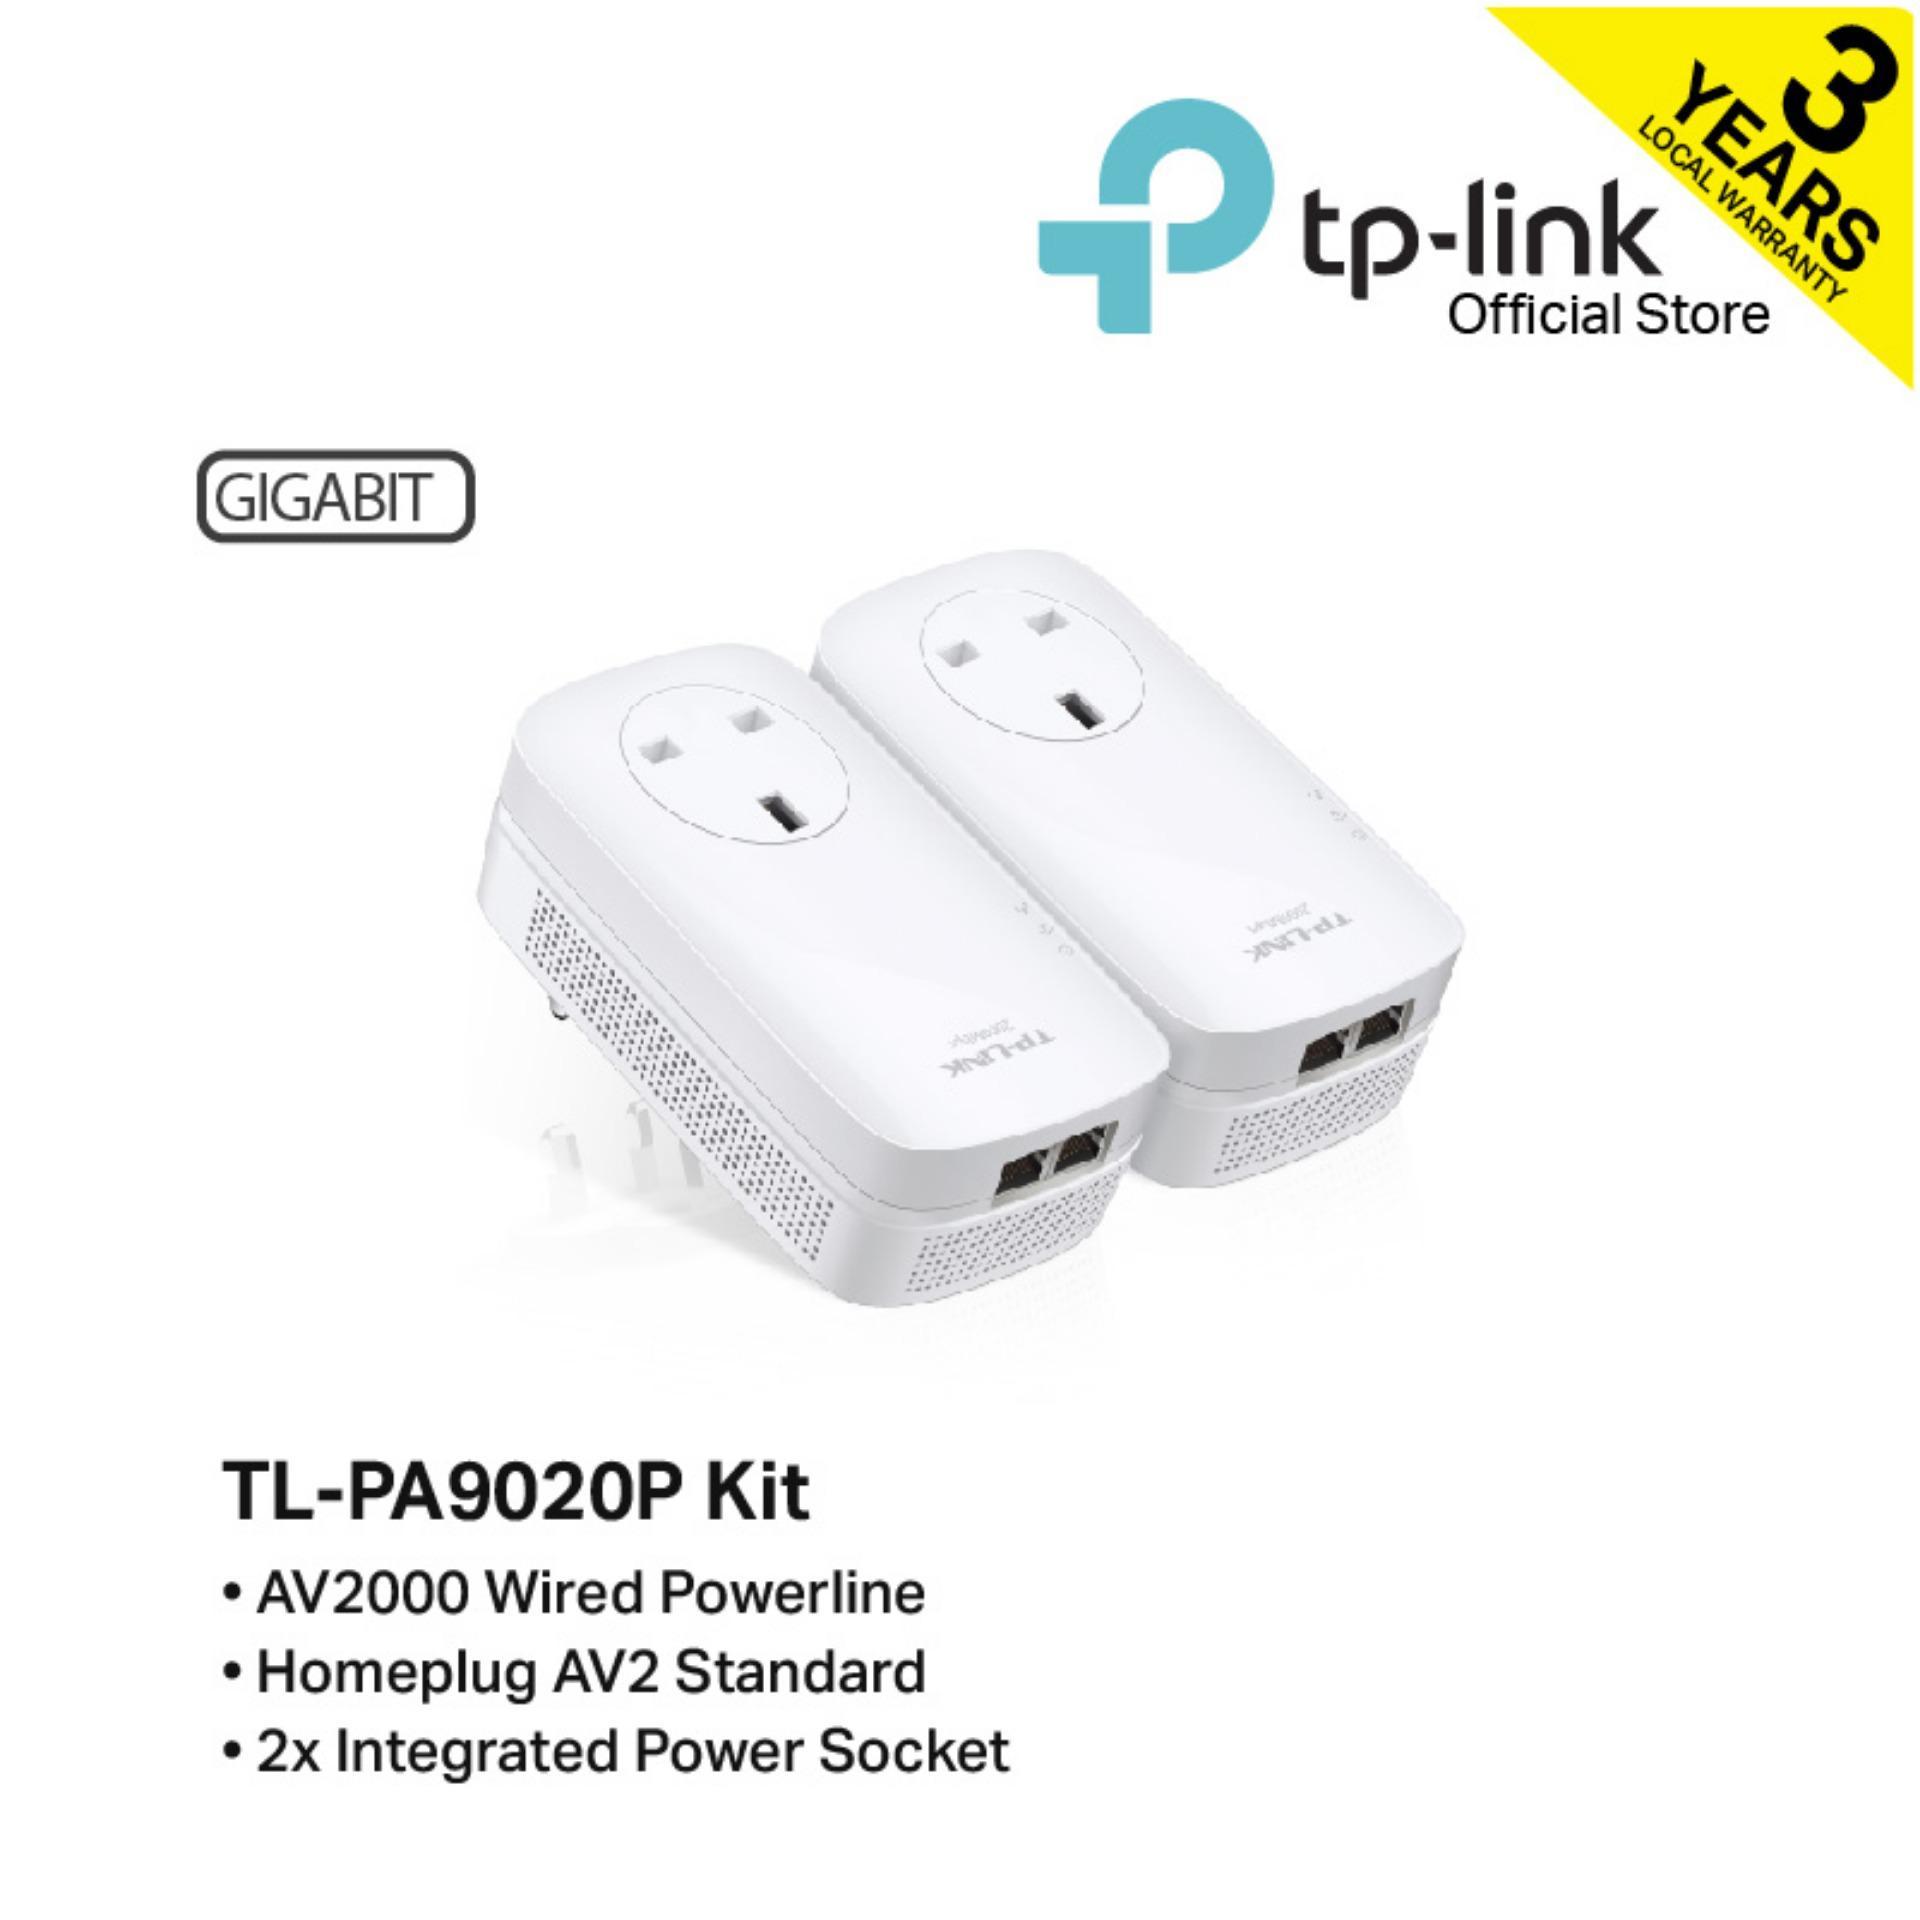 Tp-Link - Tl-Pa9020p Kit Av2000 2-Port Gigabit Passthrough Powerline Starter Kit By Tp-Link Official Store.